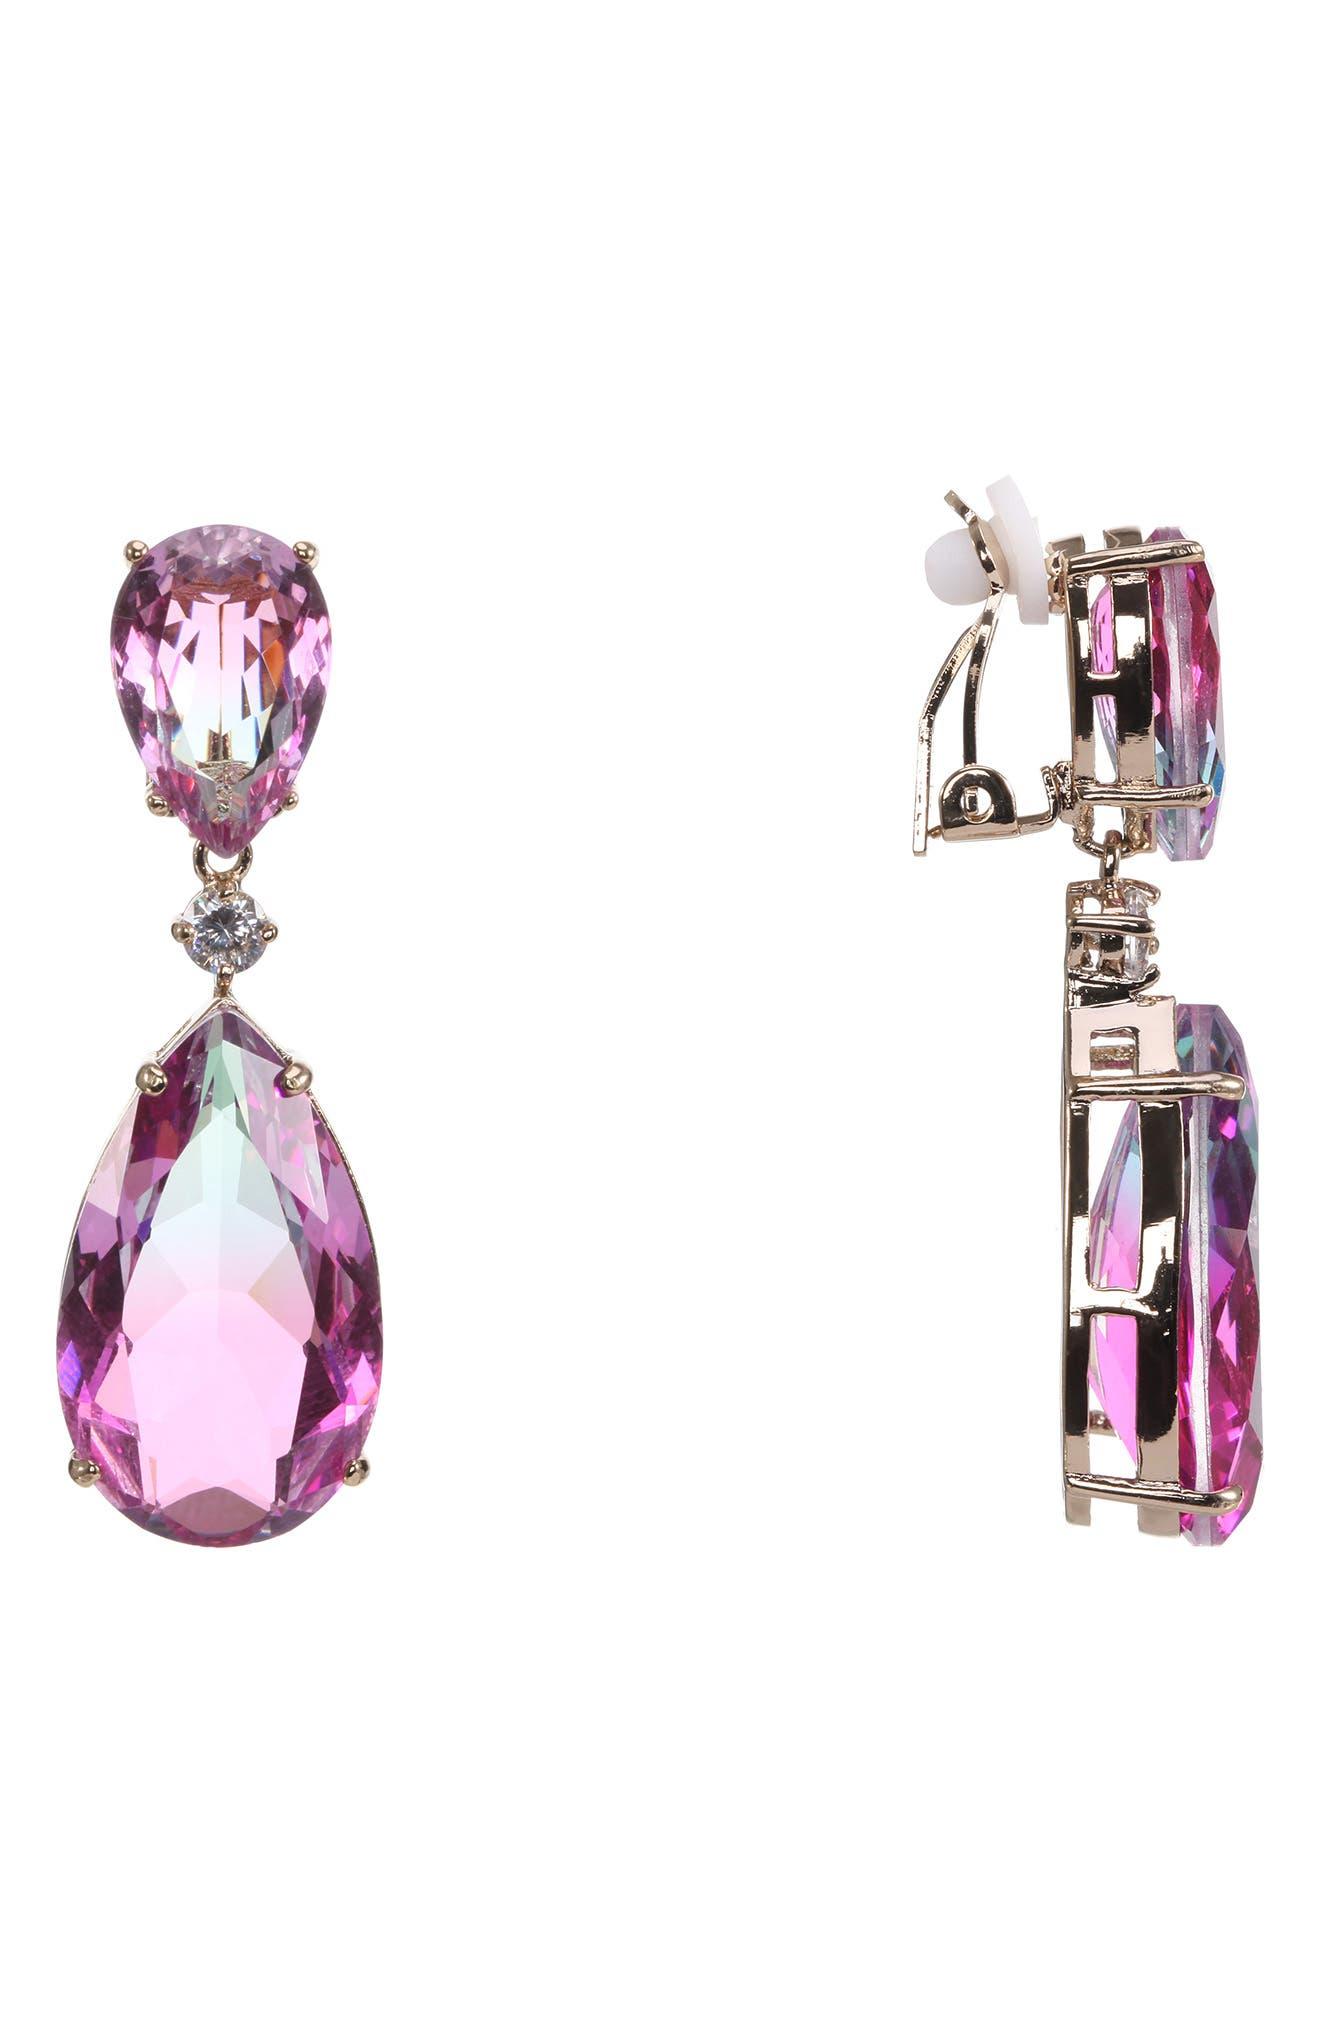 Double Drop Earrings,                             Main thumbnail 1, color,                             AMETHYST/ AQUA/ SILVER